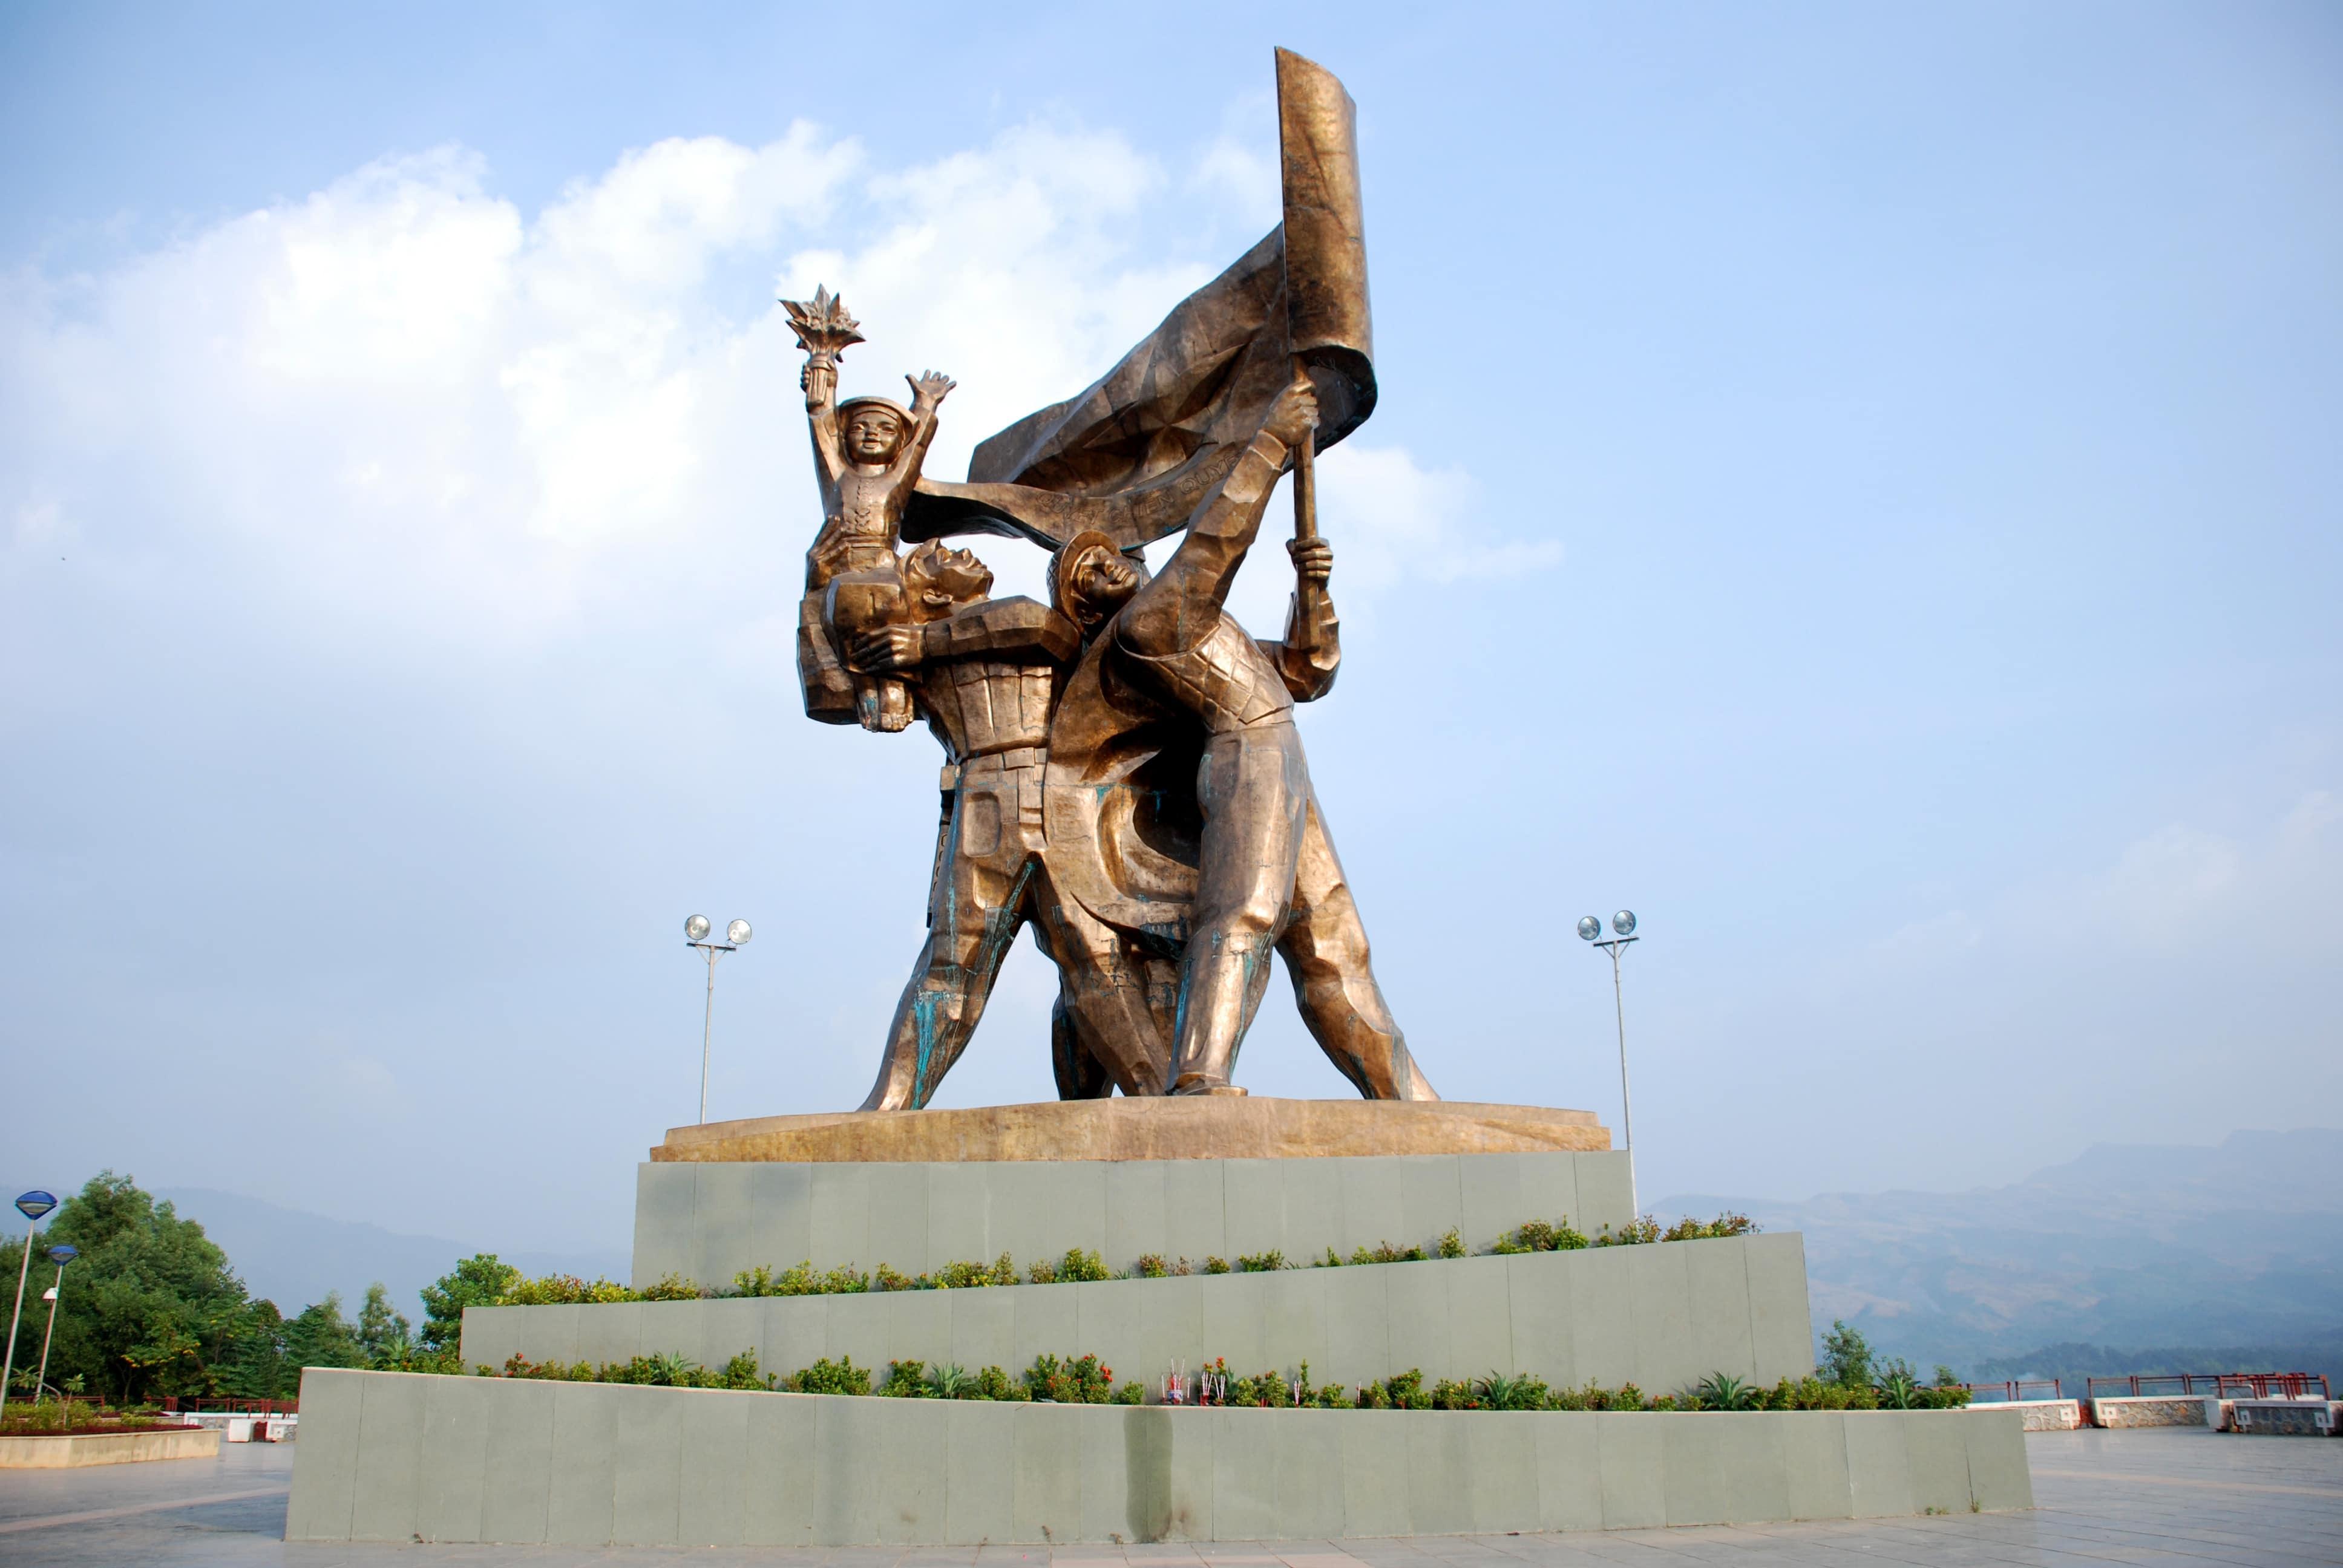 Bán nhớt Repsol chất lượng cao tại Điện Biên